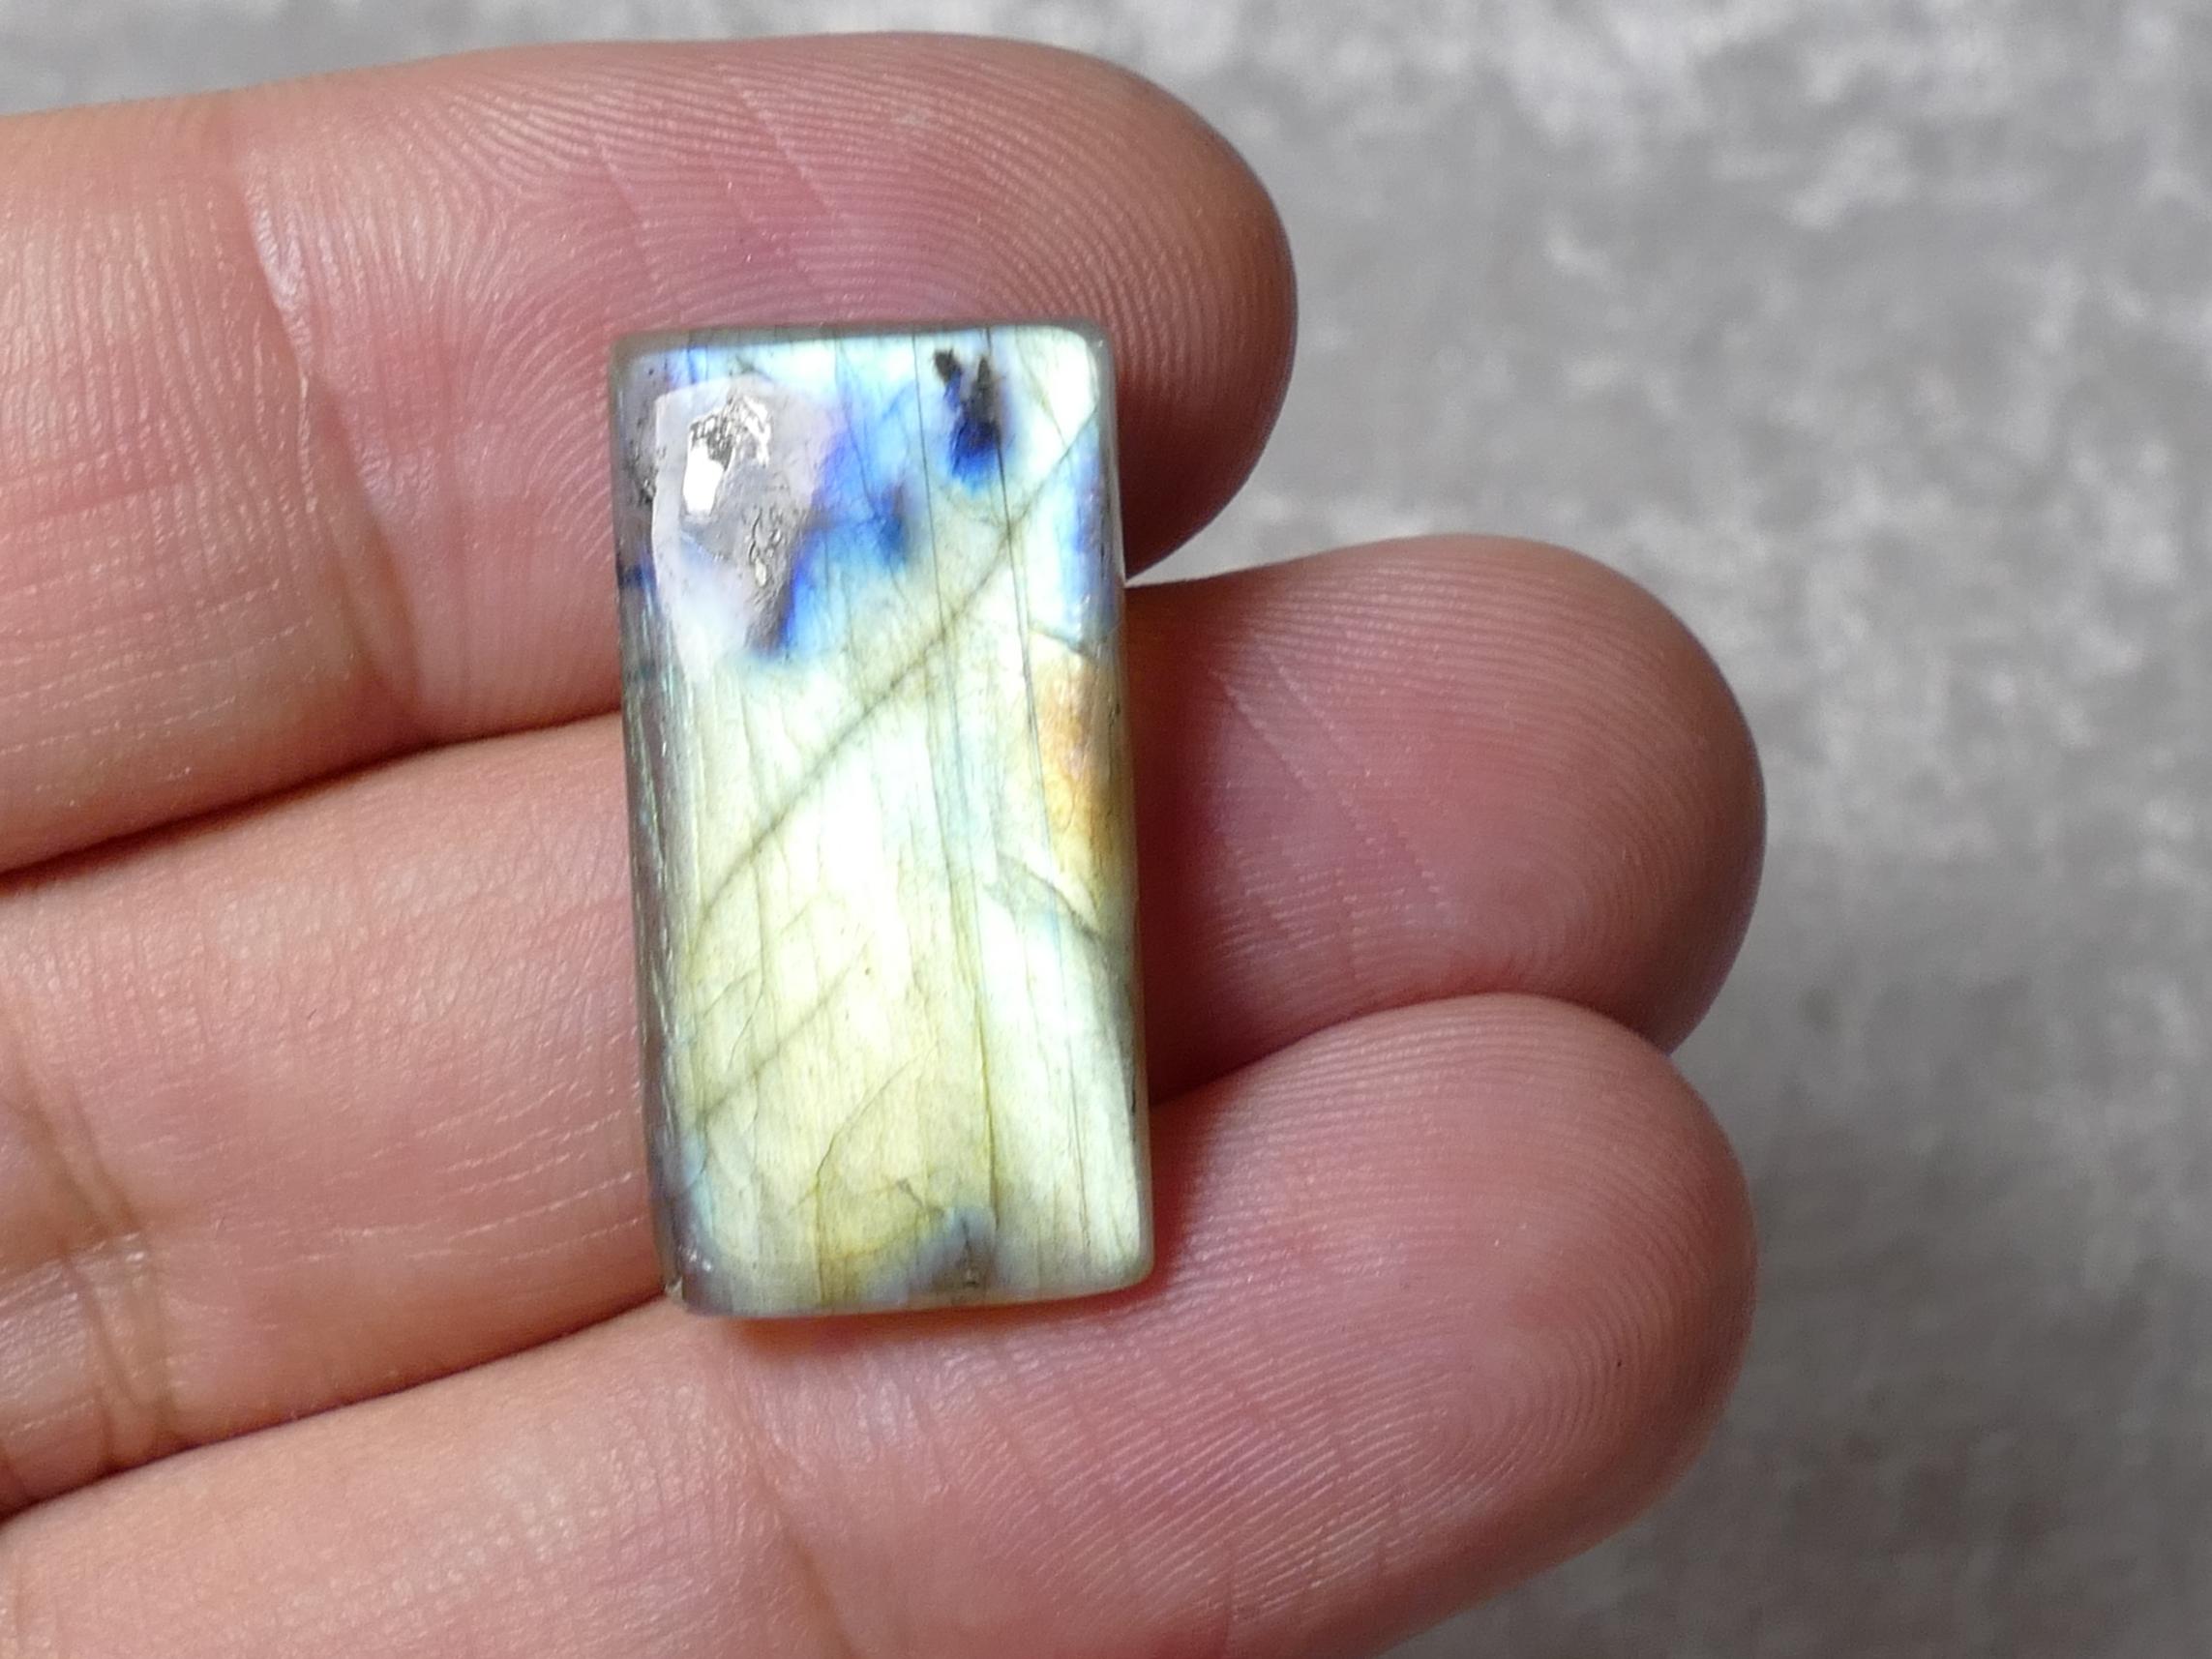 27.6x14mm Labradorite naturelle en cabochon rectangle jaune vert 4.3g (#PM531)